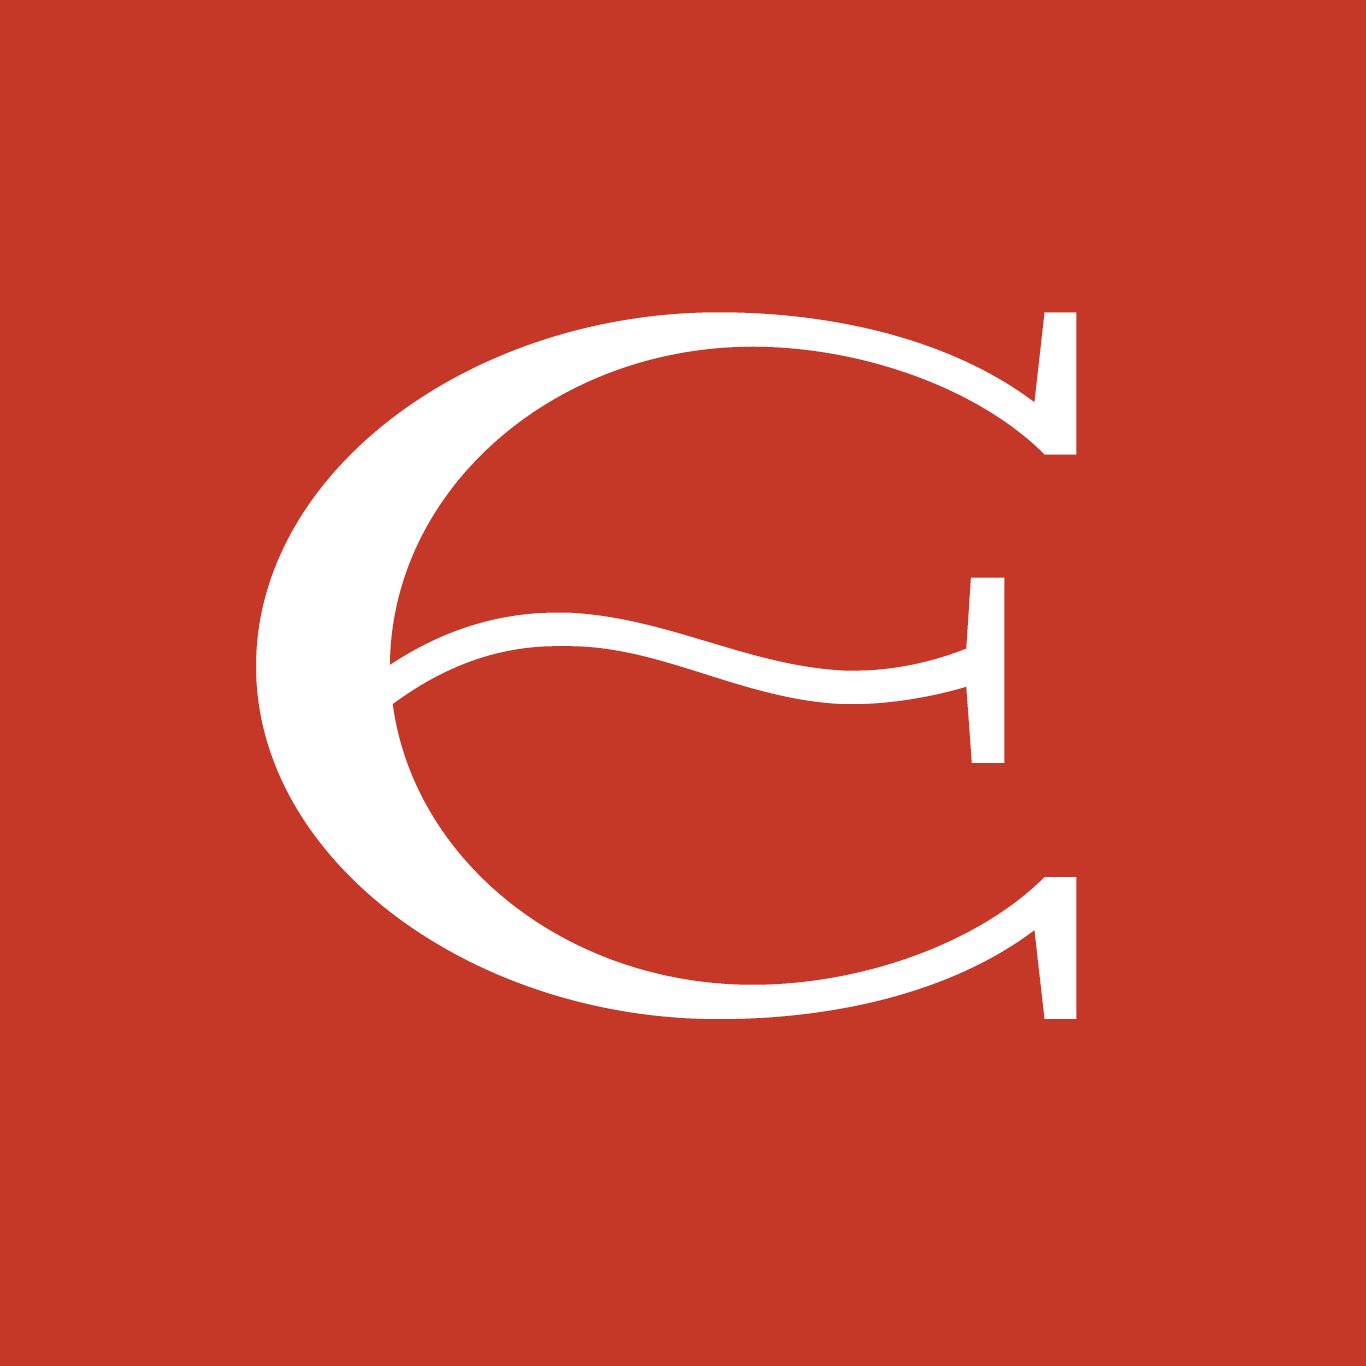 Lausanne font